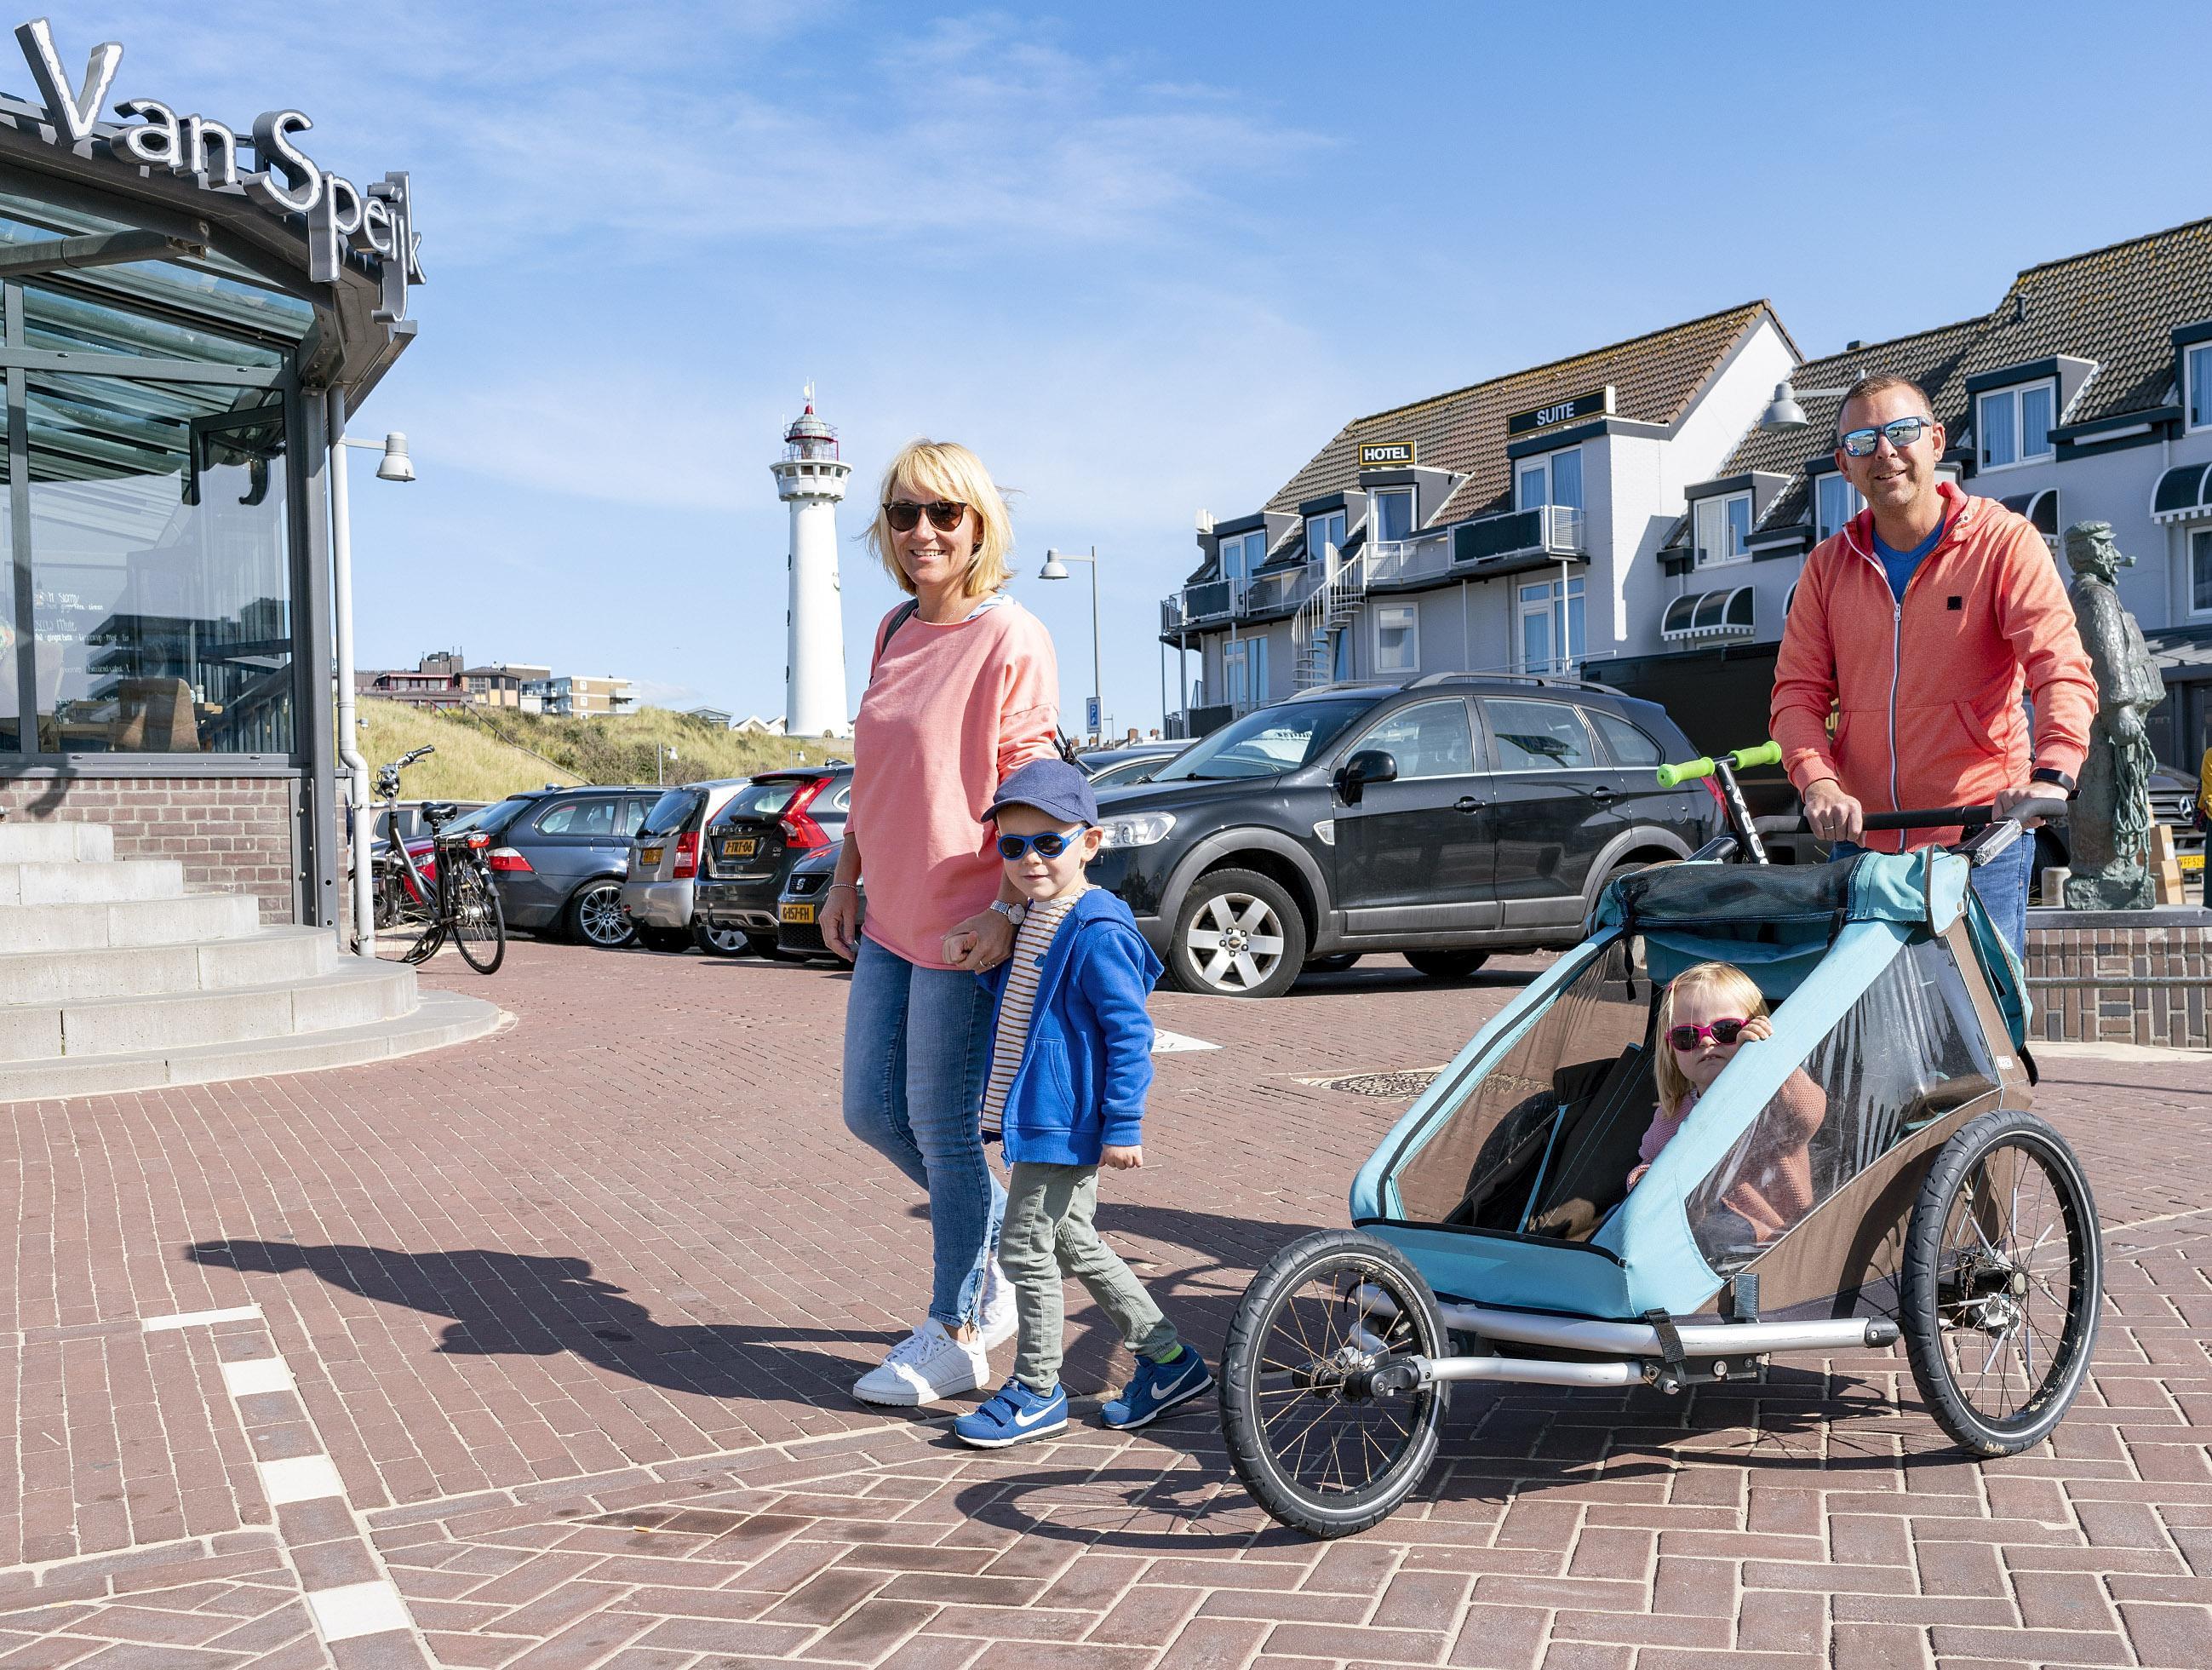 Duitse toeristen blijven ondanks code rood genieten in Egmond. Tja, ze zijn er nu toch al. En de verwachte gasten die nu massaal hun hotelverblijf annuleren? 'Die gaten worden wel gevuld, vraag genoeg'